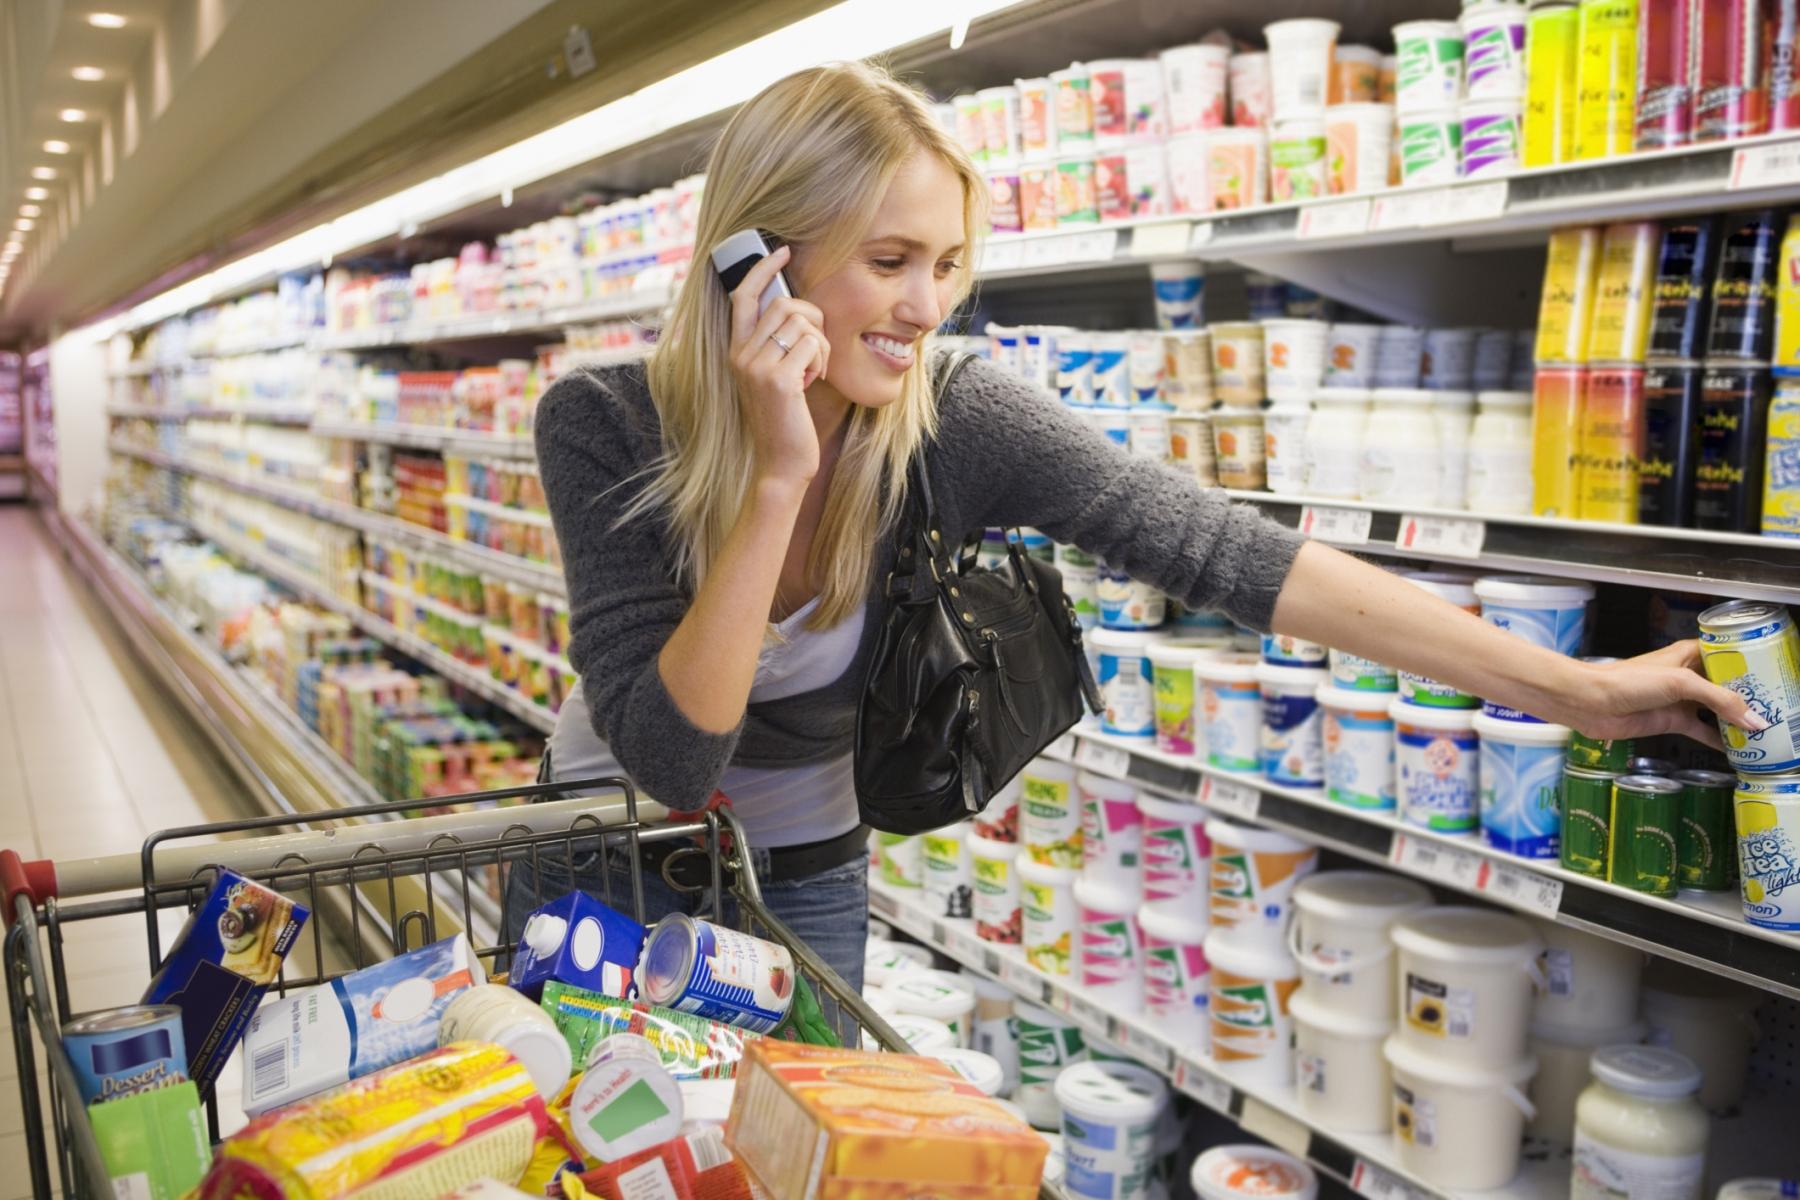 фото от клиента о купленном товаре белое тату плече